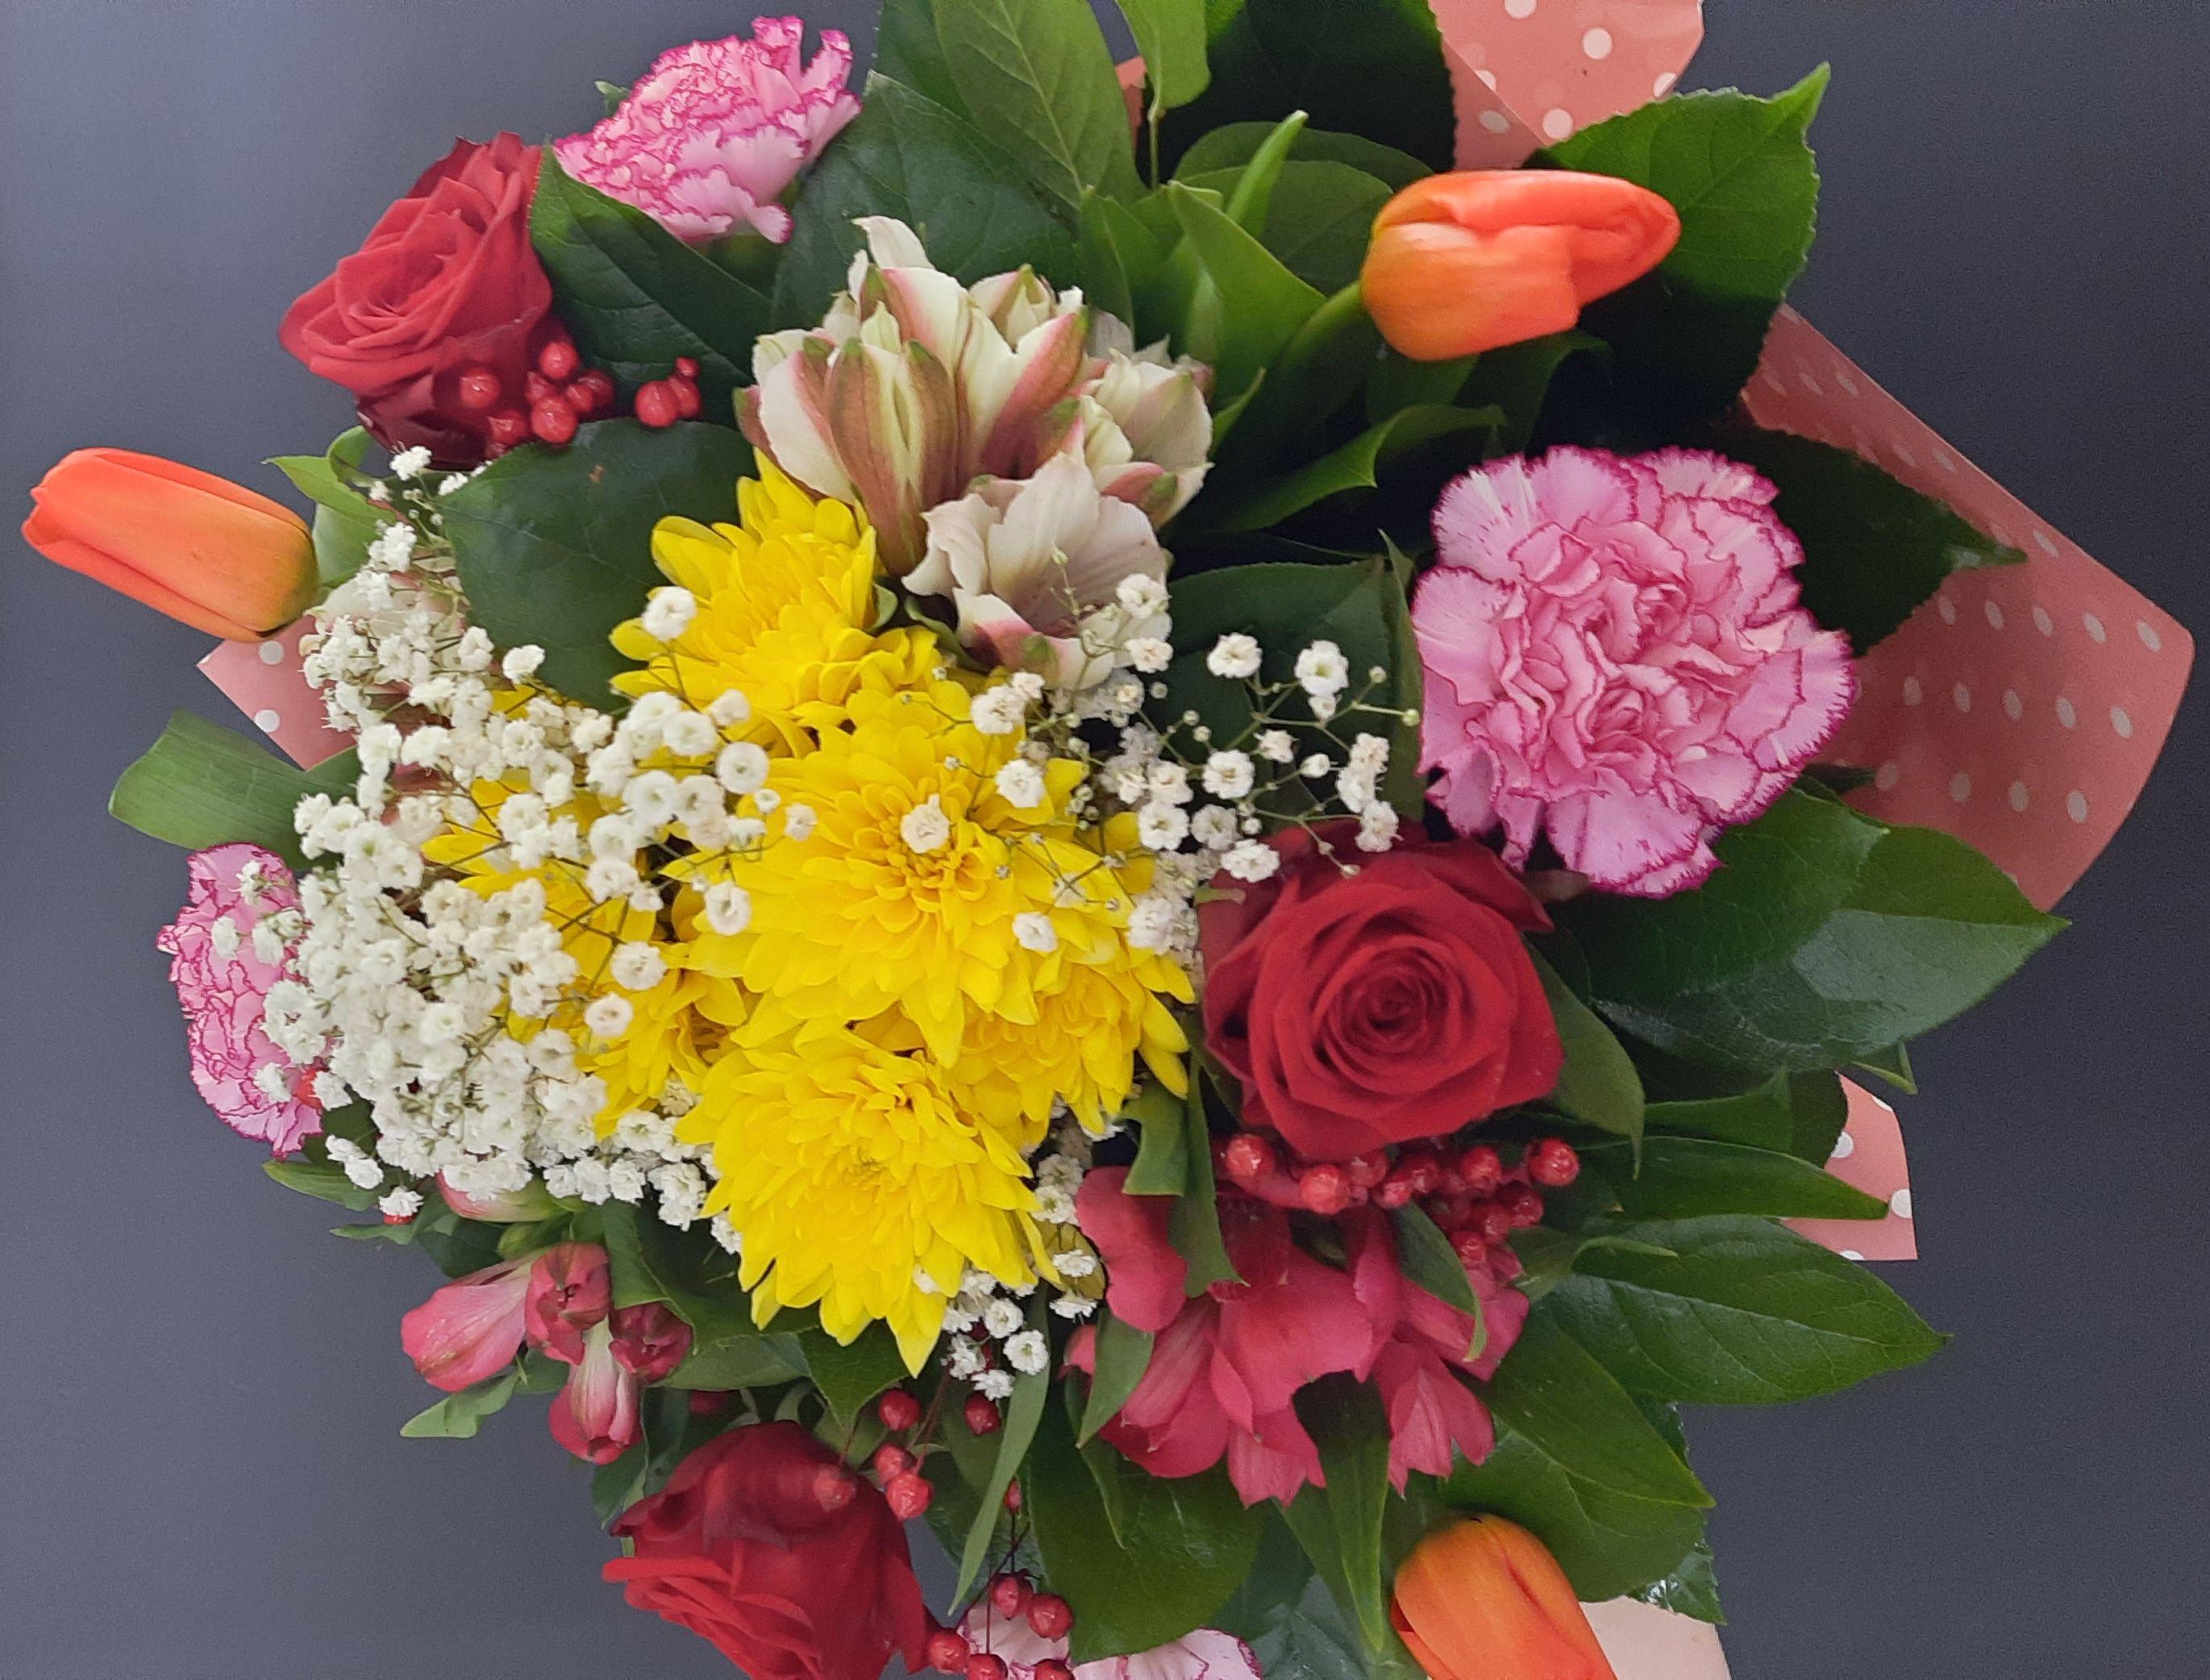 Kwiaciarnia w Bulowicach. Wstąp po kwiaty na Dzień Kobiet